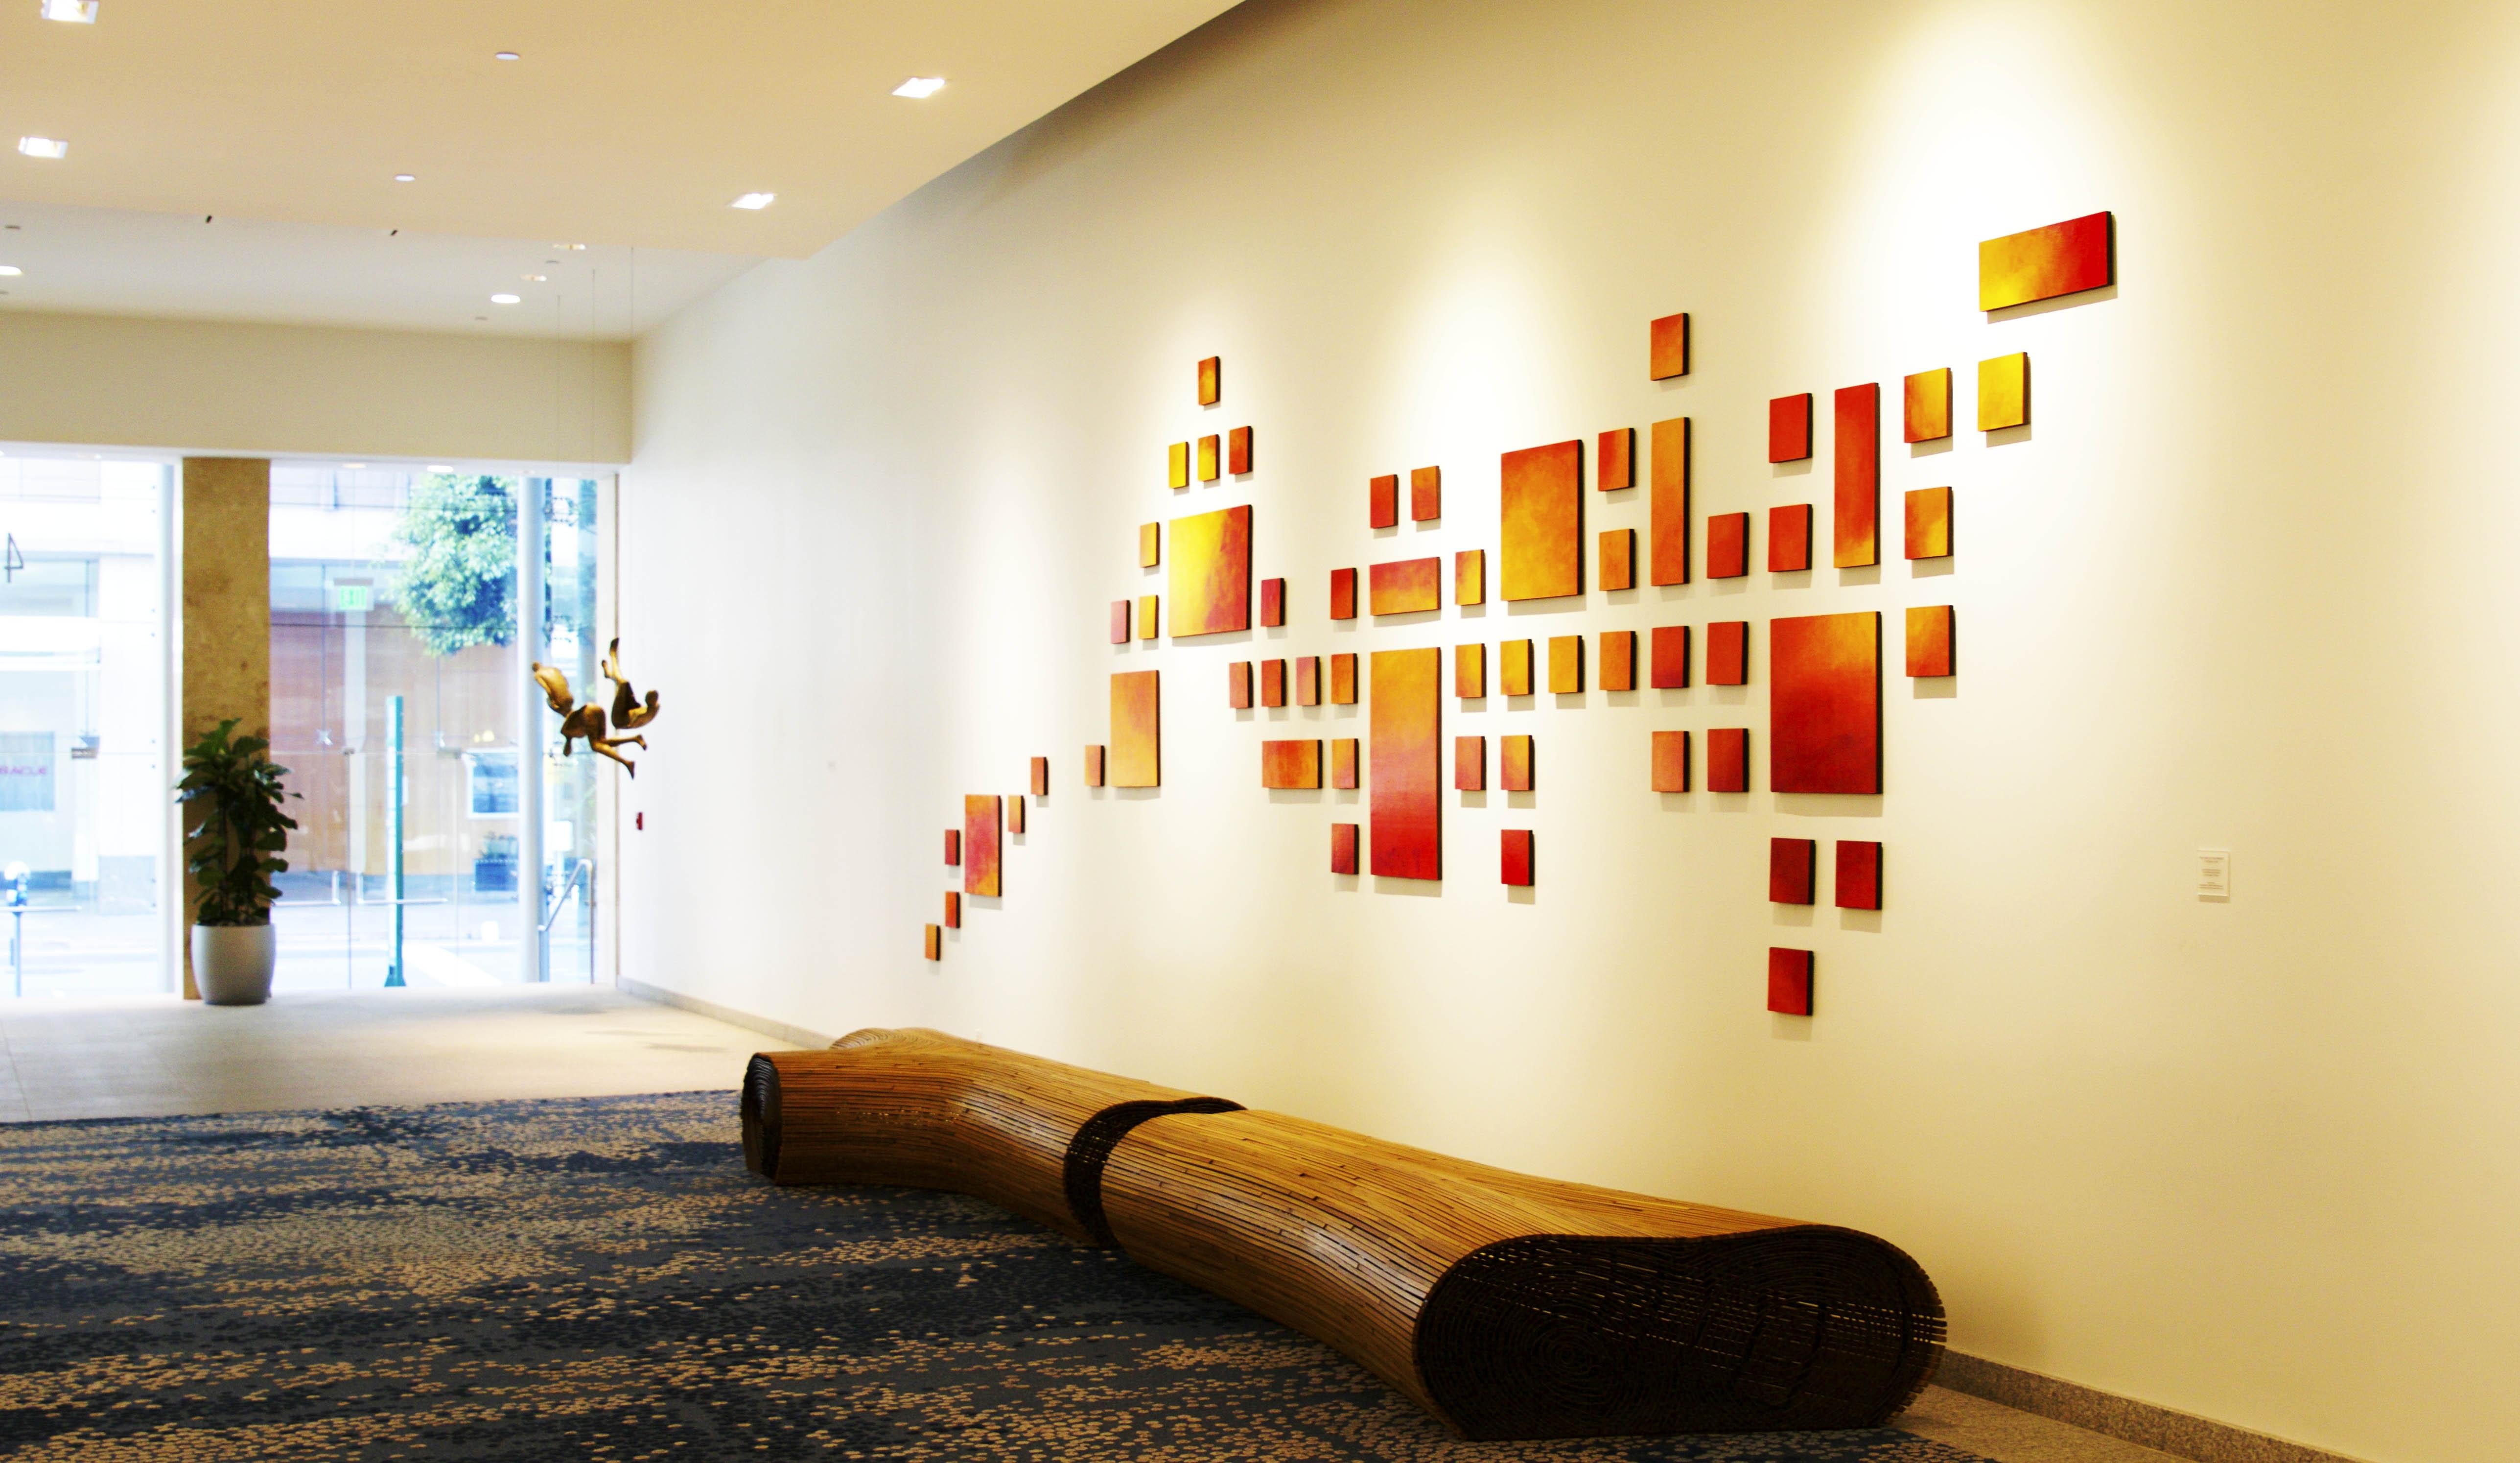 Rosemary Pierce Modern Art | Original Wall Sculpture Art Installations With Newest Modern Wall Art (View 14 of 15)